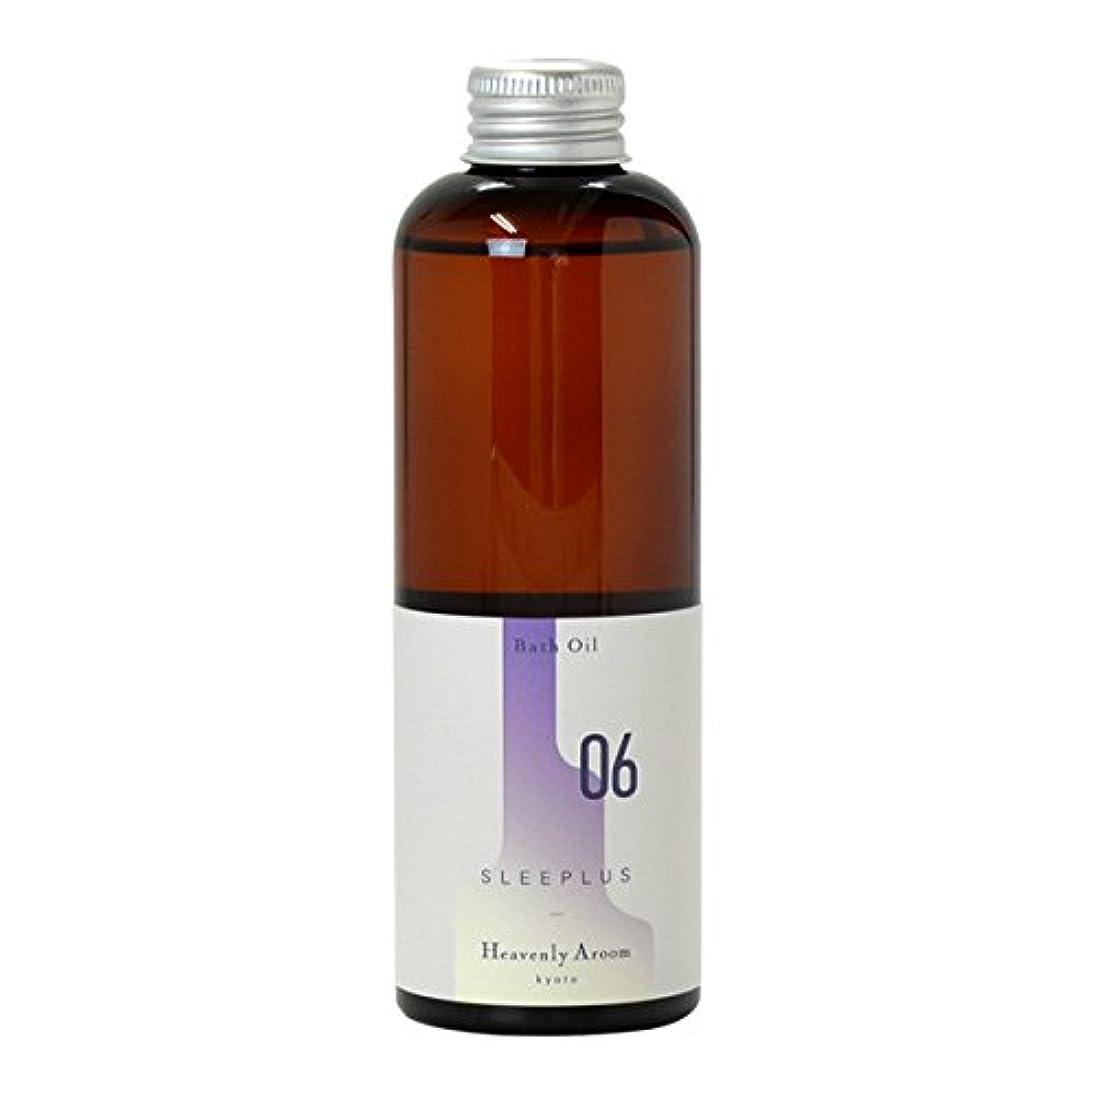 排除無許可少ないHeavenly Aroom バスオイル SLEEPLUS 06 ラベンダーバニラ 200ml